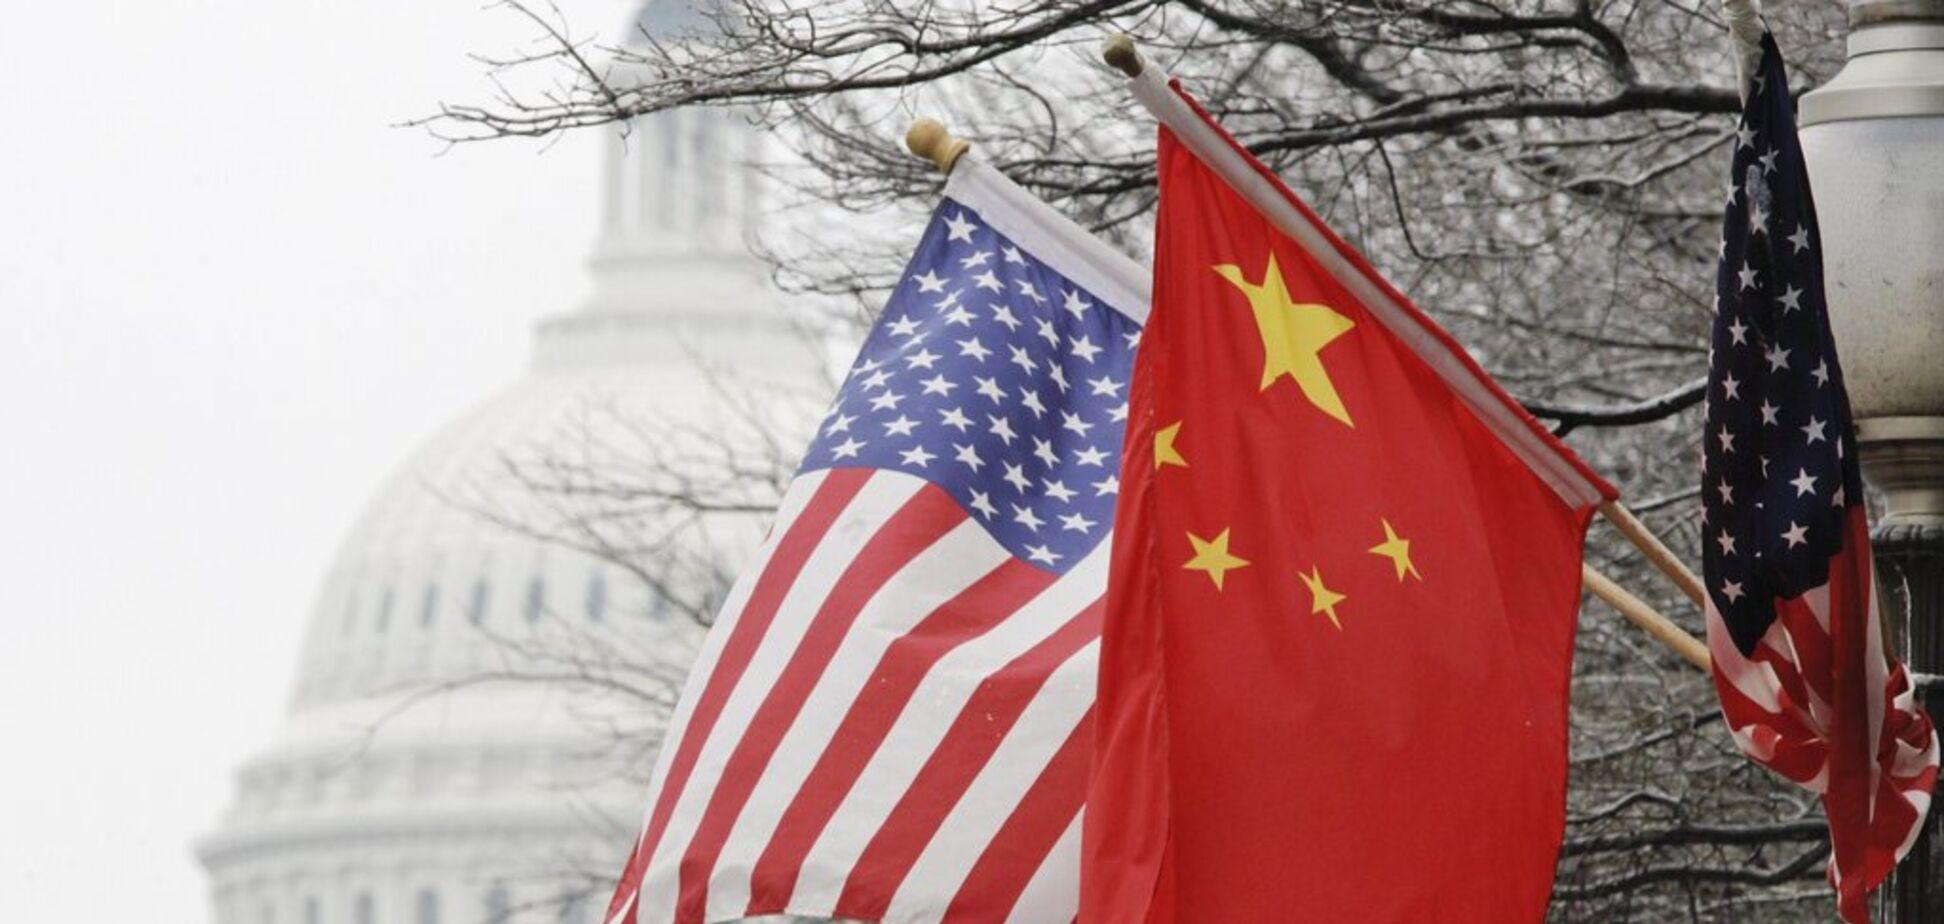 Конец торговой войне? США и Китай договорились о взаимных уступках